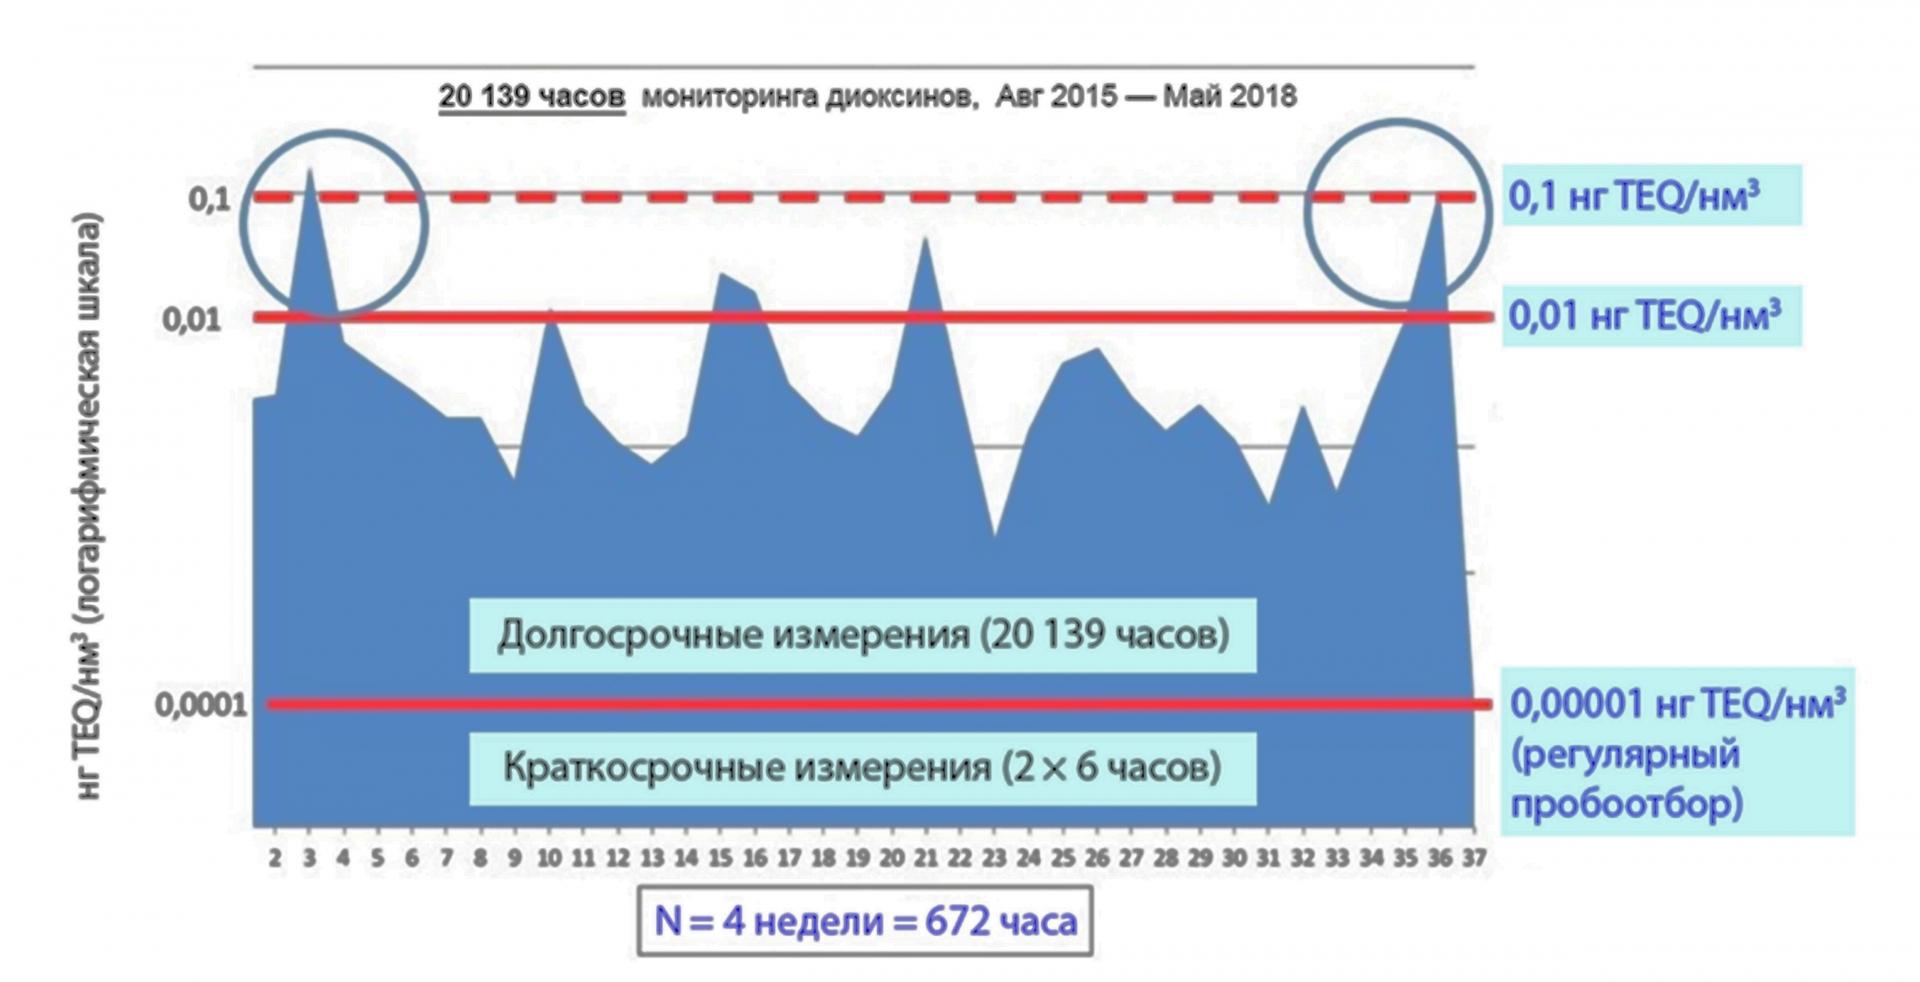 Рис. 3. Результаты 20139-часового мониторинга диоксинов по методике AMESA на МСЗ REC в Харлингене